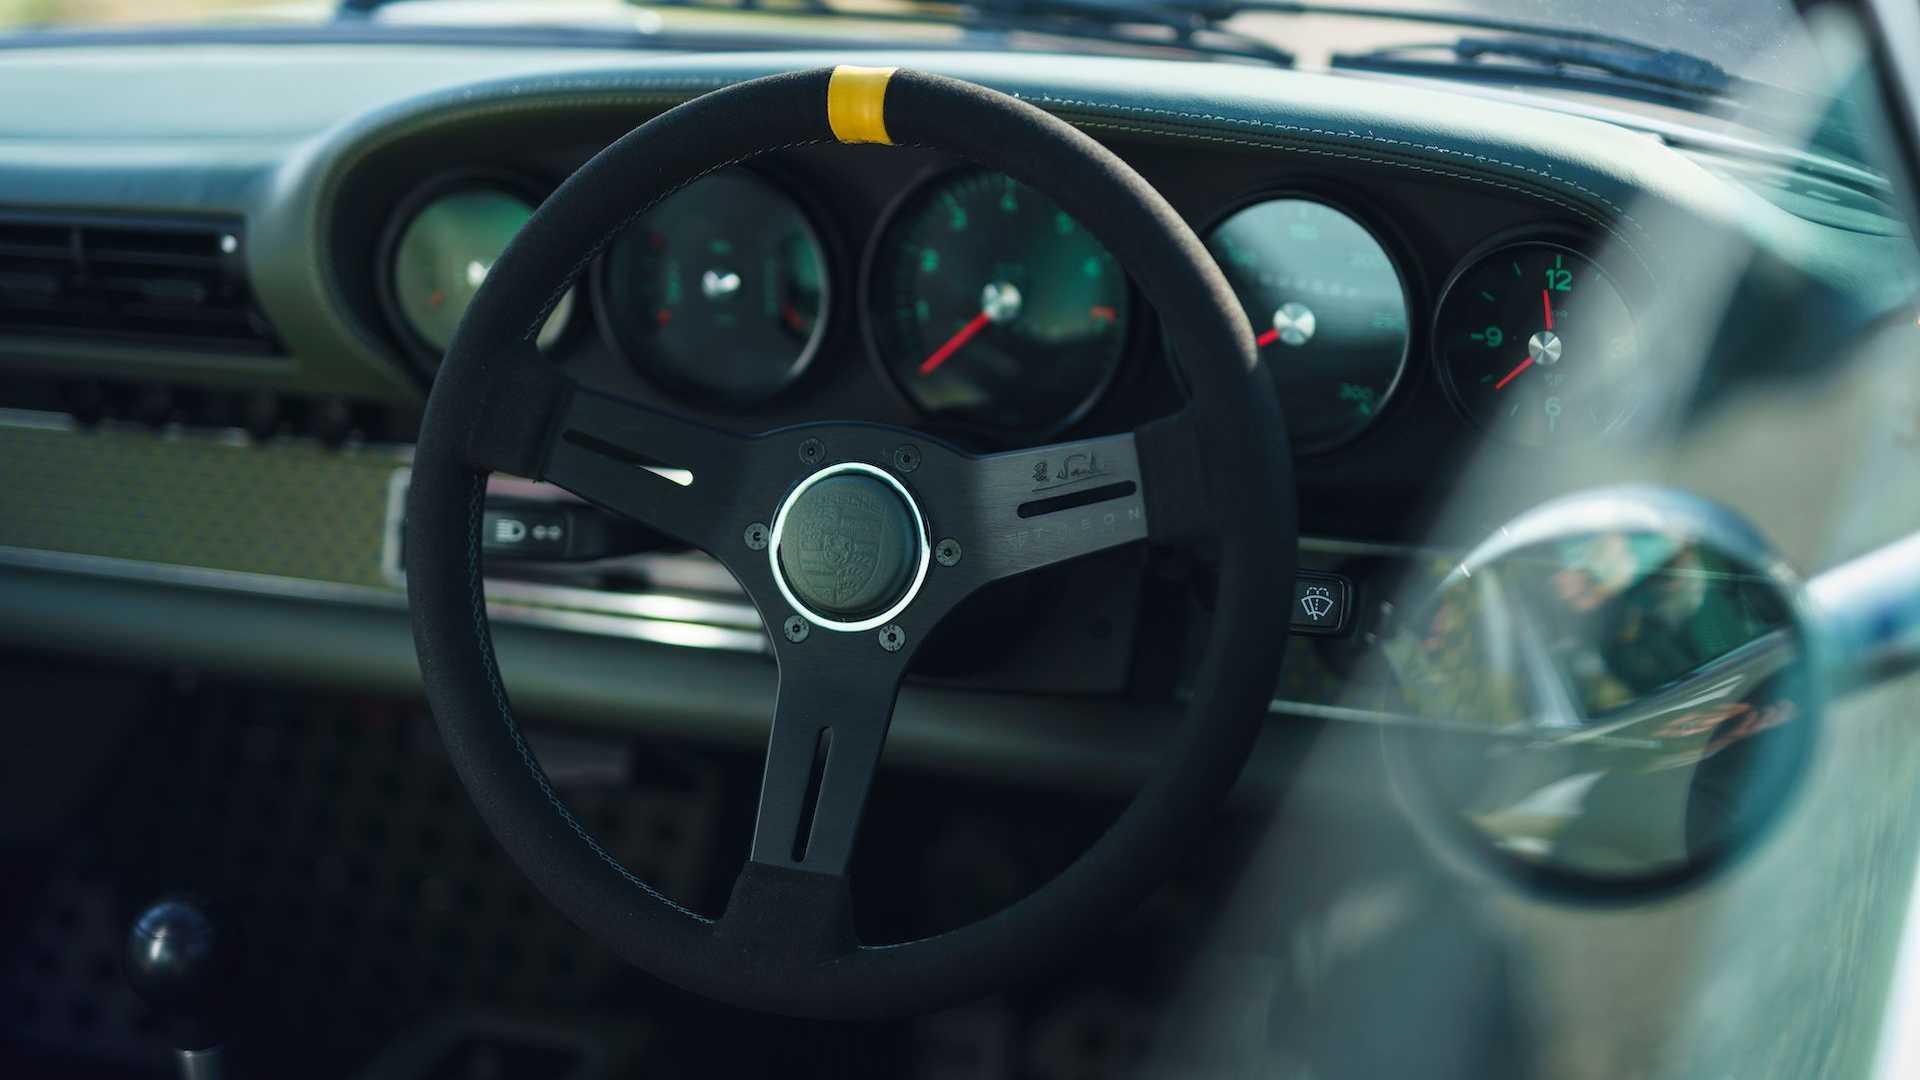 Theon-Design-HK002-Porsche-911-18